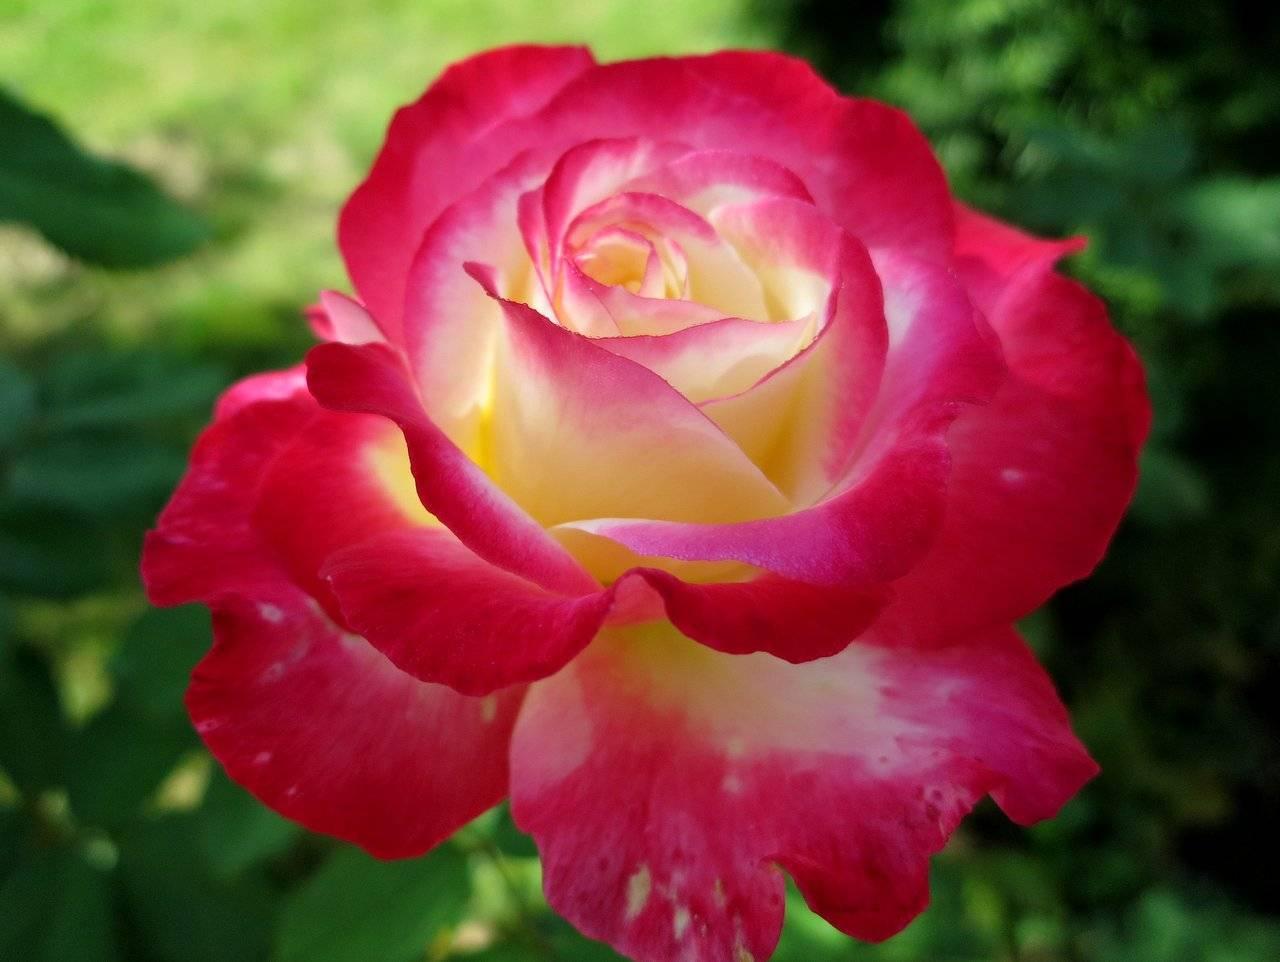 Описание чайно-гибридного сорта розы дабл делайт: уход за двойным удовольствием